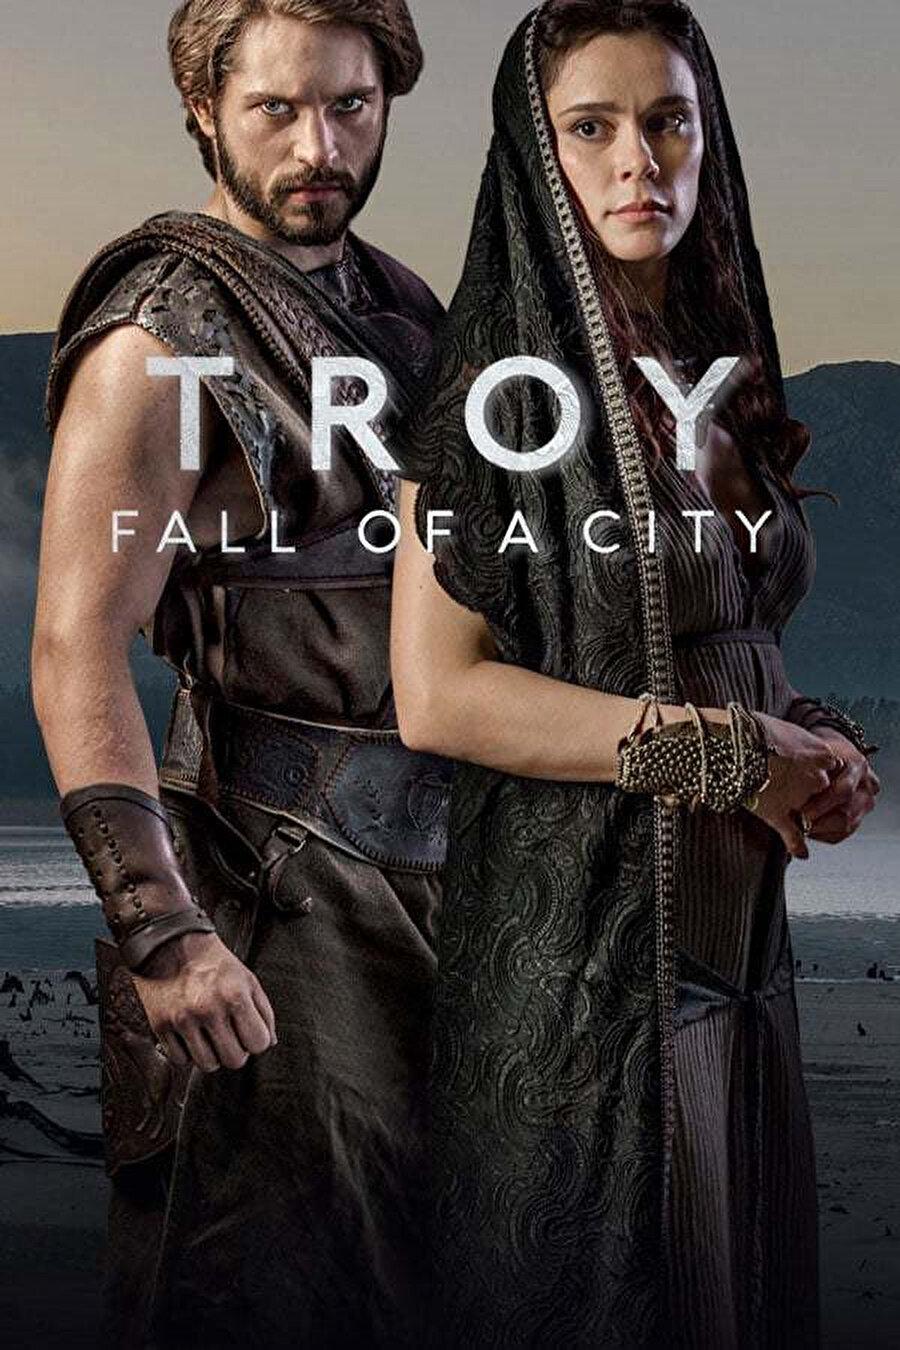 Netflix'in iddialı yapımlarından Truva: Fall of a City (Truva: Bir Şehrin Düşüşü), nisan ayında ilk sezonuyla ekrana geldi. Game of Thrones tadında bir dizi arayanların ilgisini çekmesi muhtemel dizi, kaliteli oyunculukları ve başarılı görsel efektleriyle dikkat çekiyor. Dizi, ülke olarak yakından bildiğimiz çoban Paris ve Spartalı Helen arasındaki aşkın neden olduğu Yunan-Truva Savaşı'nı konu alıyor.